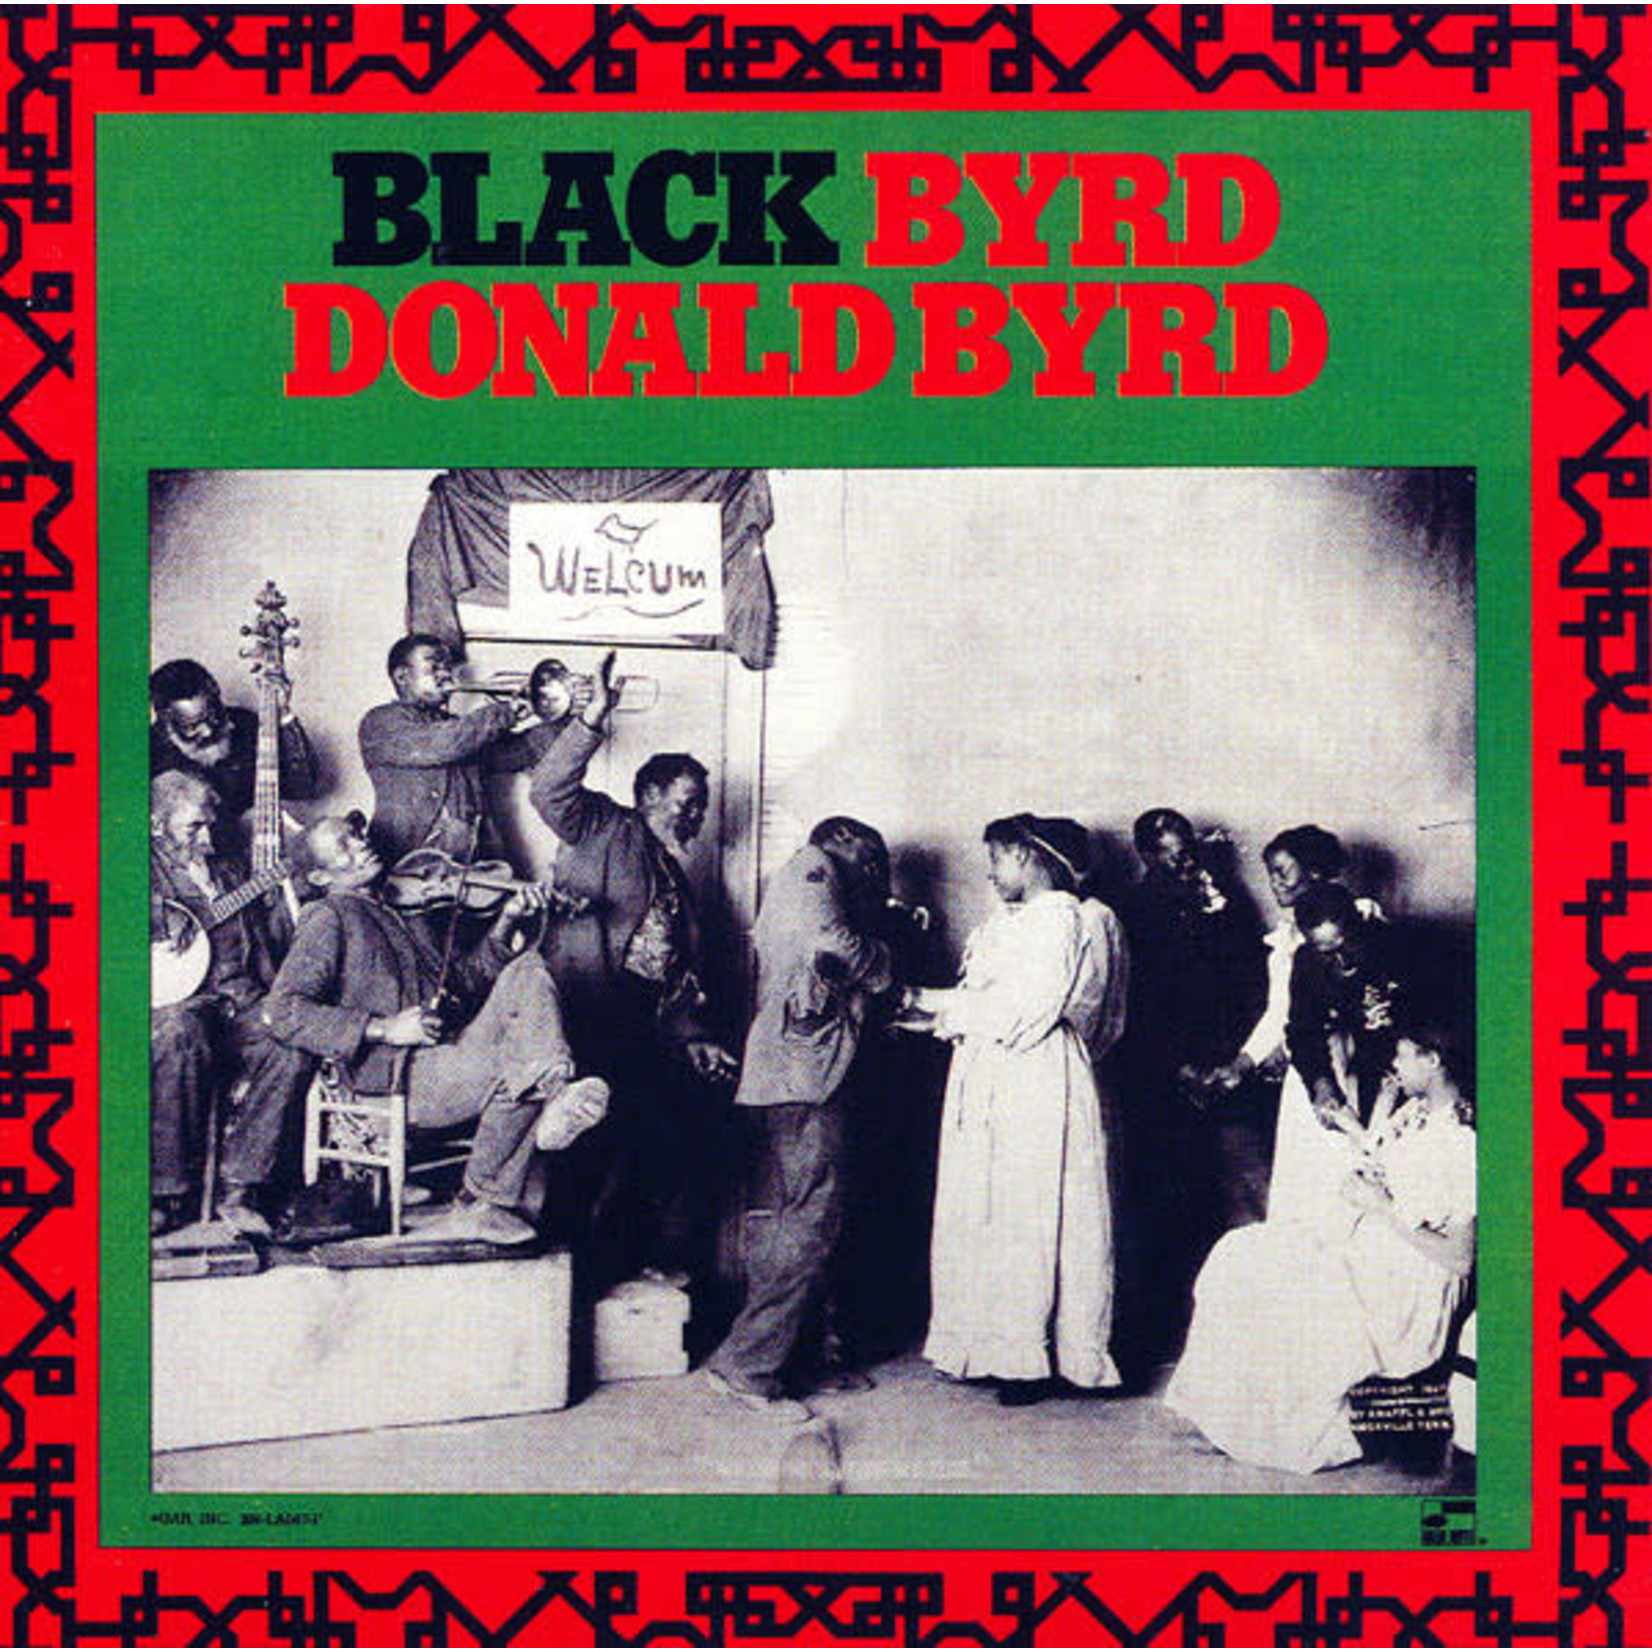 [New] Byrd, Donald: Black Byrd